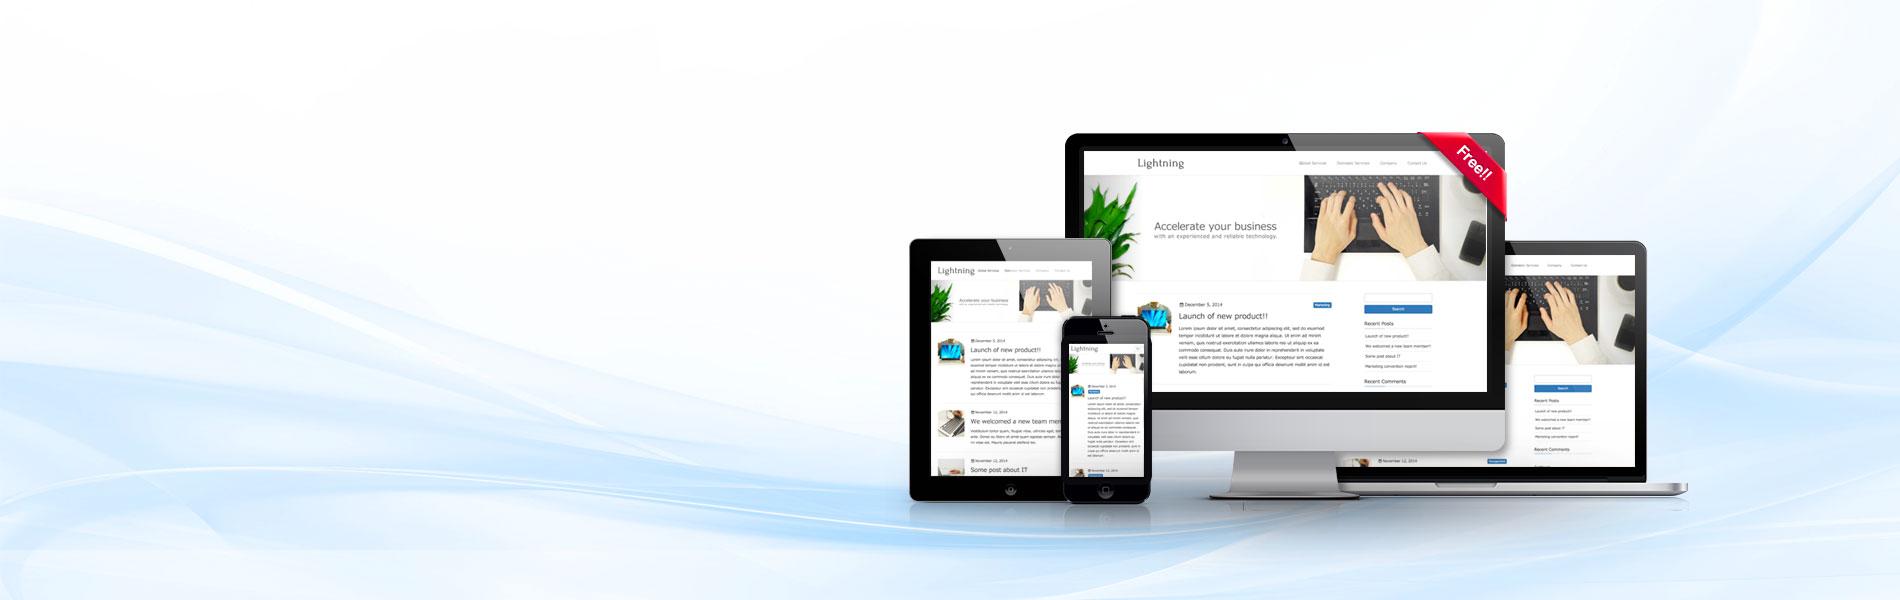 シンプルでカスタマイズしやすいWordPress.org登録テーマ